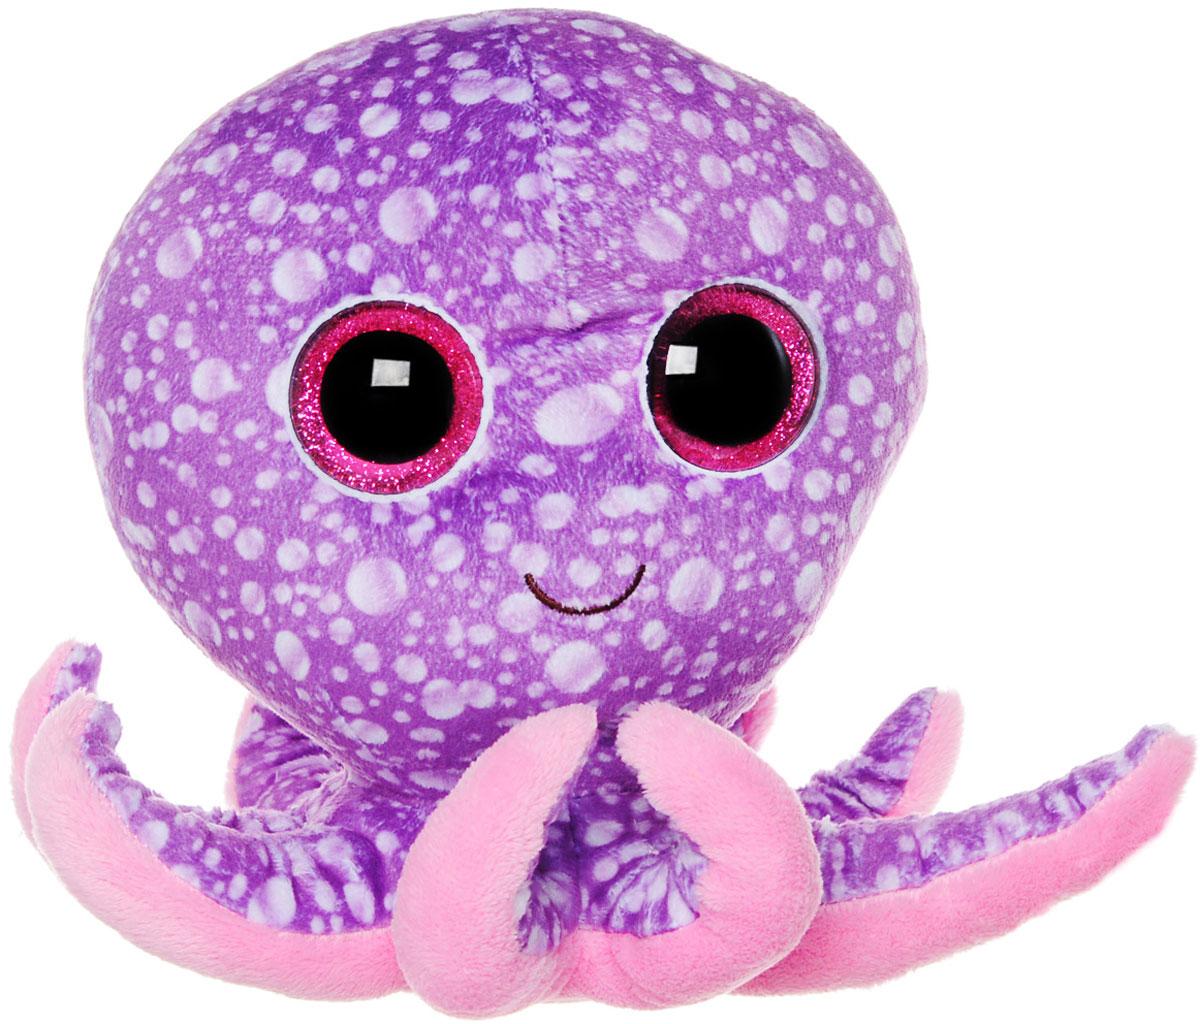 TY Мягкая игрушка Осьминог Legs 10 см36740Мягкая игрушка TY Осьминог Legs, выполненная в виде забавного осьминога, непременно вызовет улыбку и симпатию и у детей, и у взрослых. Трогательный осьминог с выразительными блестящими глазками изготовлен из высококачественного мягкого материала. Удобный небольшой размер осьминожки позволит брать его с собой на прогулку, и малышу не придется расставаться со своим новым другом. Удивительно мягкая игрушка принесет радость и подарит своему обладателю мгновения нежных объятий и приятных воспоминаний. Специальные гранулы, используемые при ее набивке, способствуют развитию мелкой моторики рук малыша.